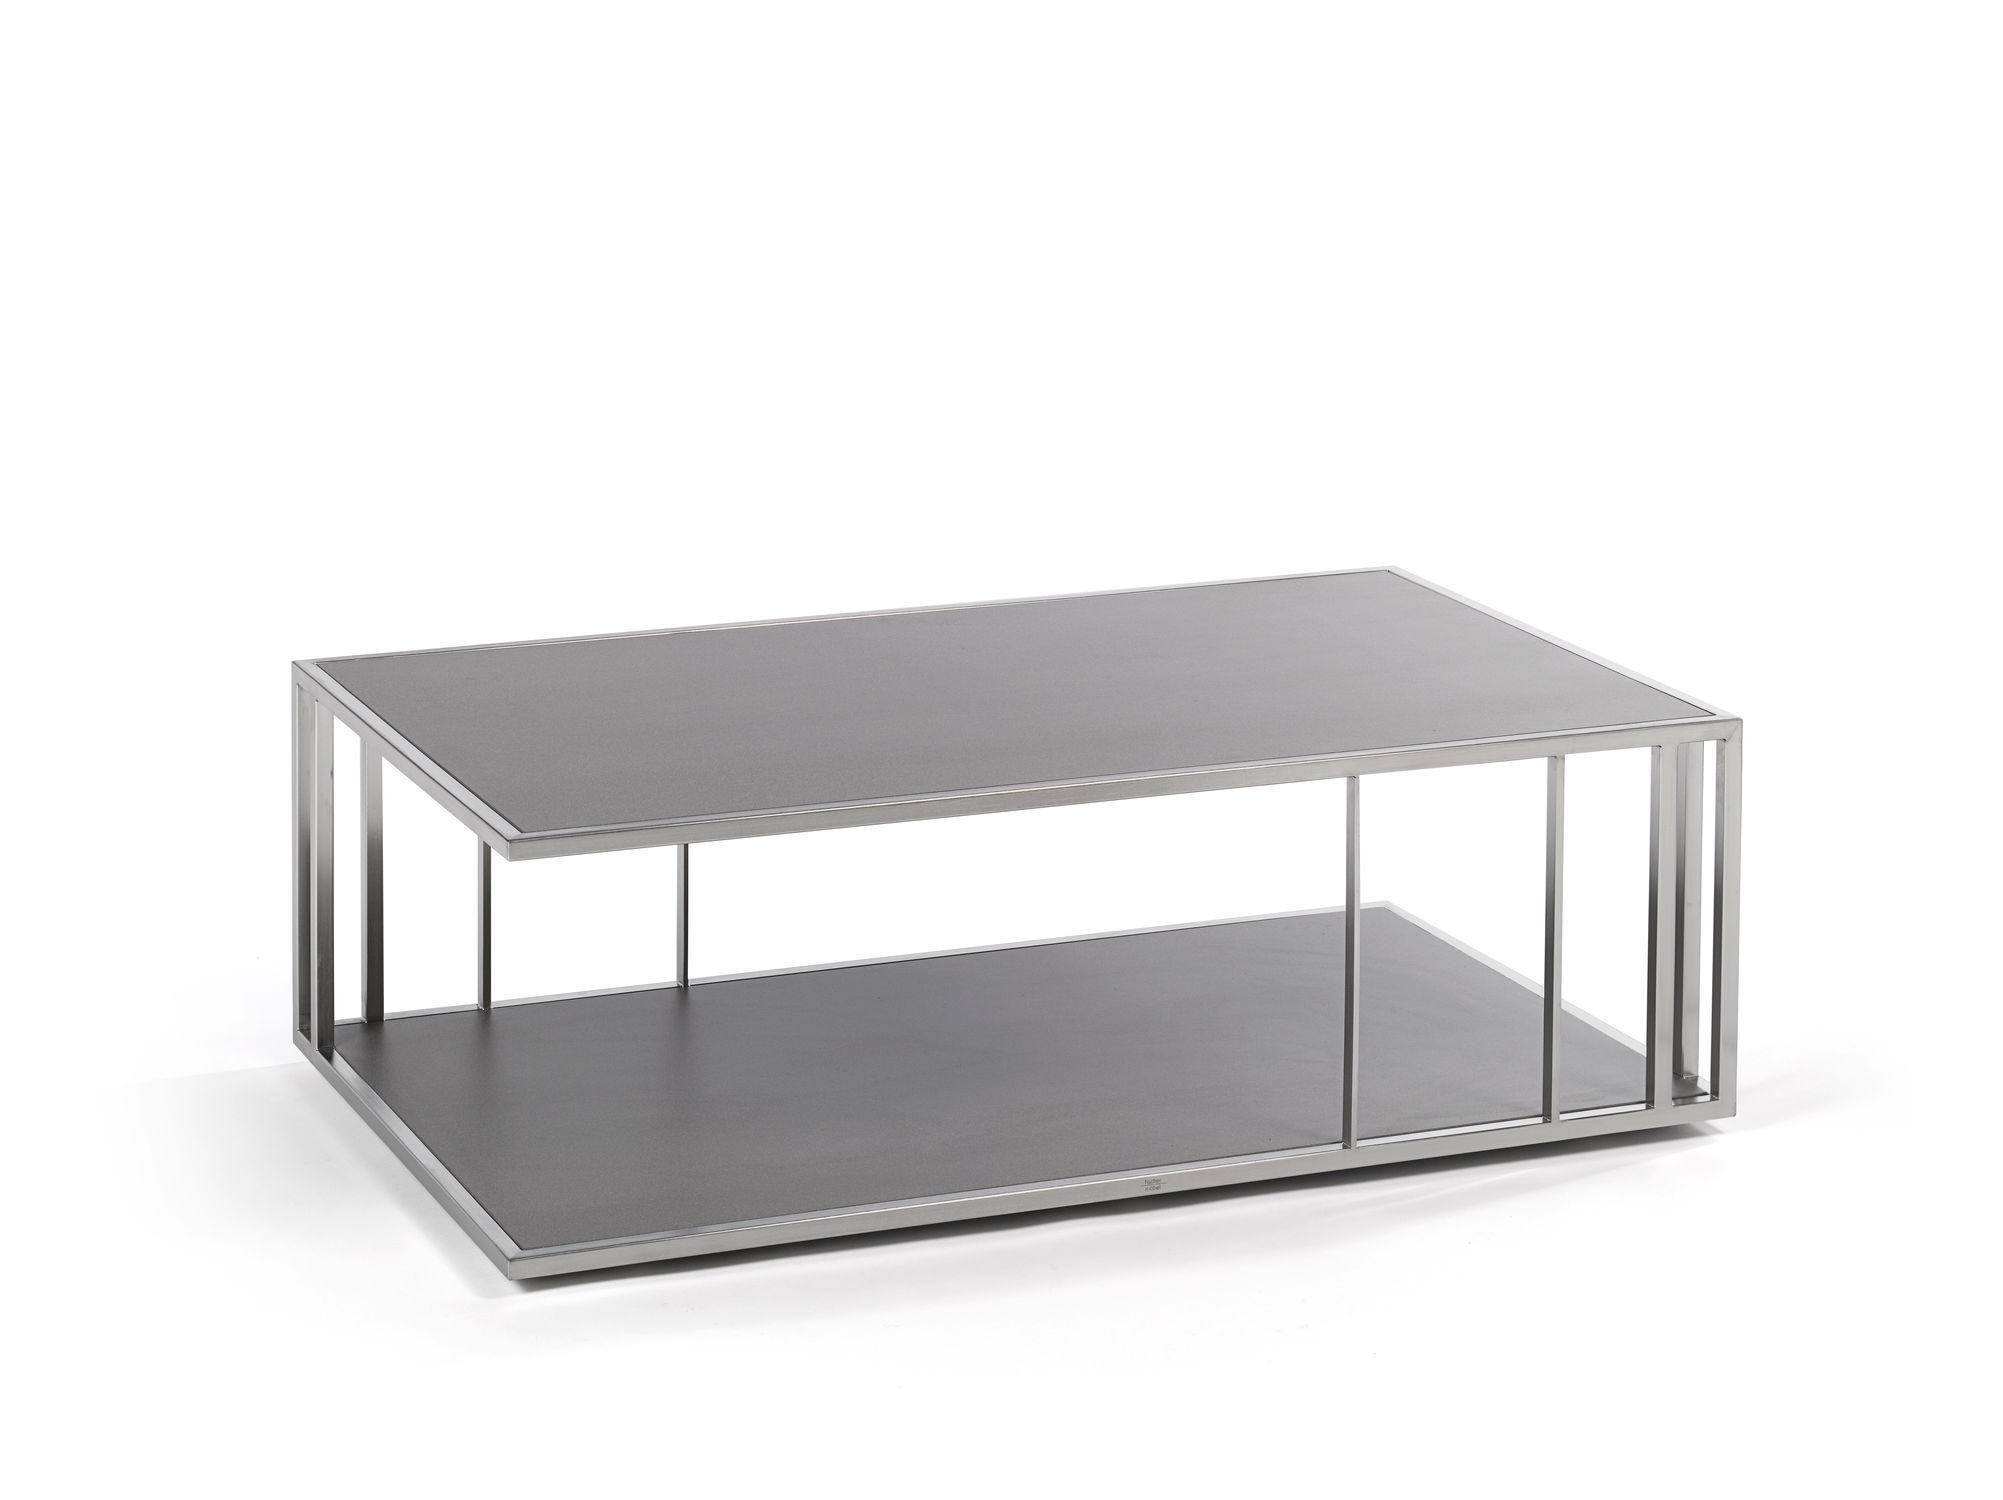 Table basse contemporaine en acier inoxydable rectangulaire